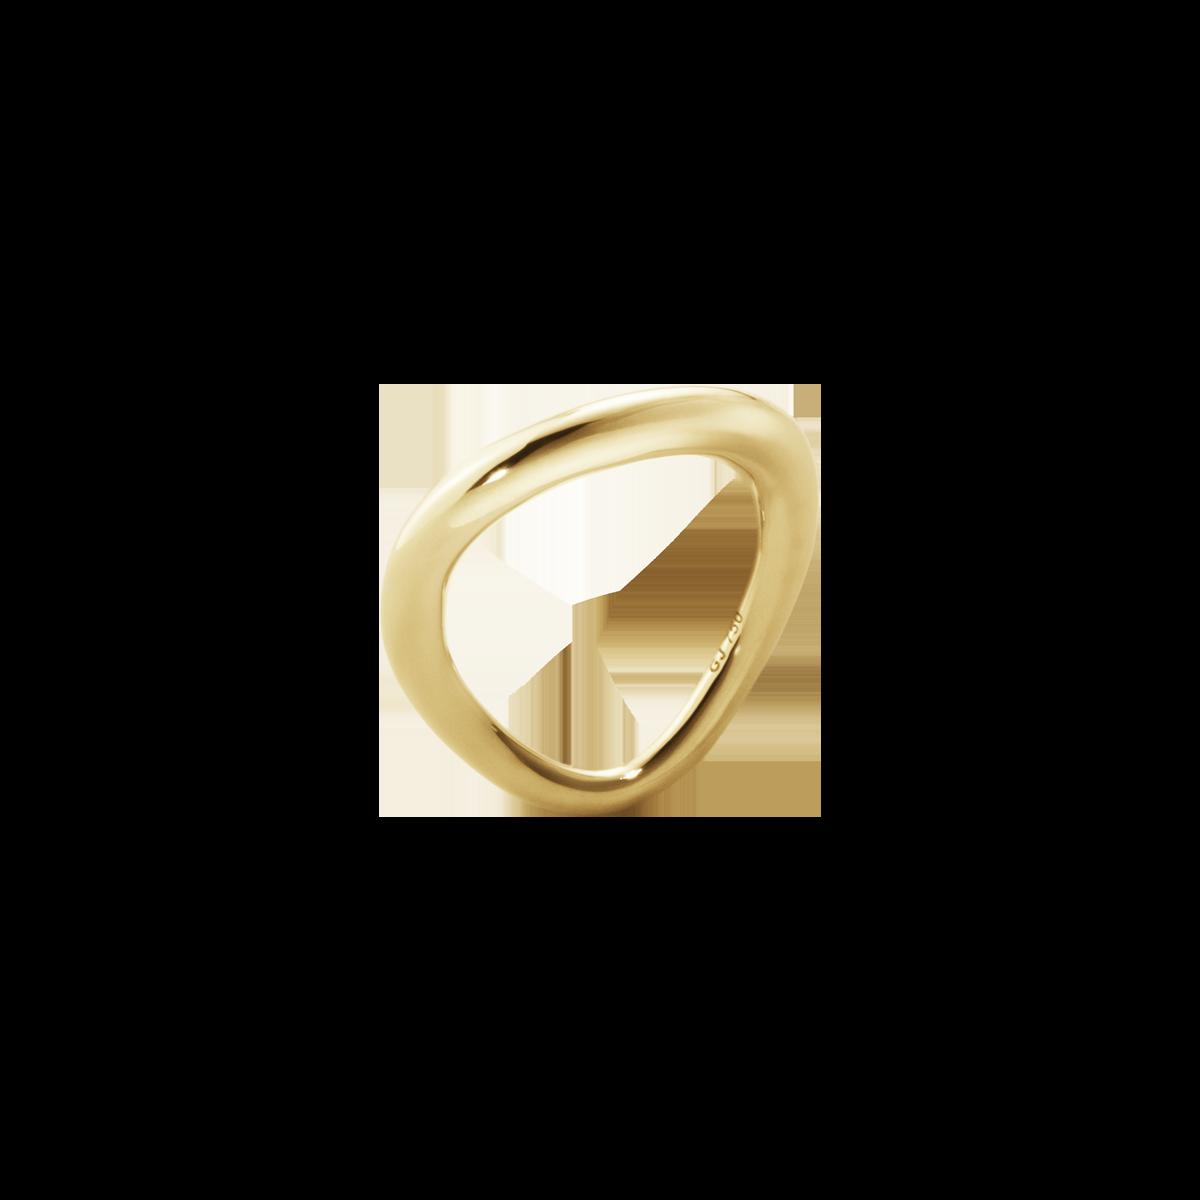 OFFSPRING ring, 18 karat yellow gold